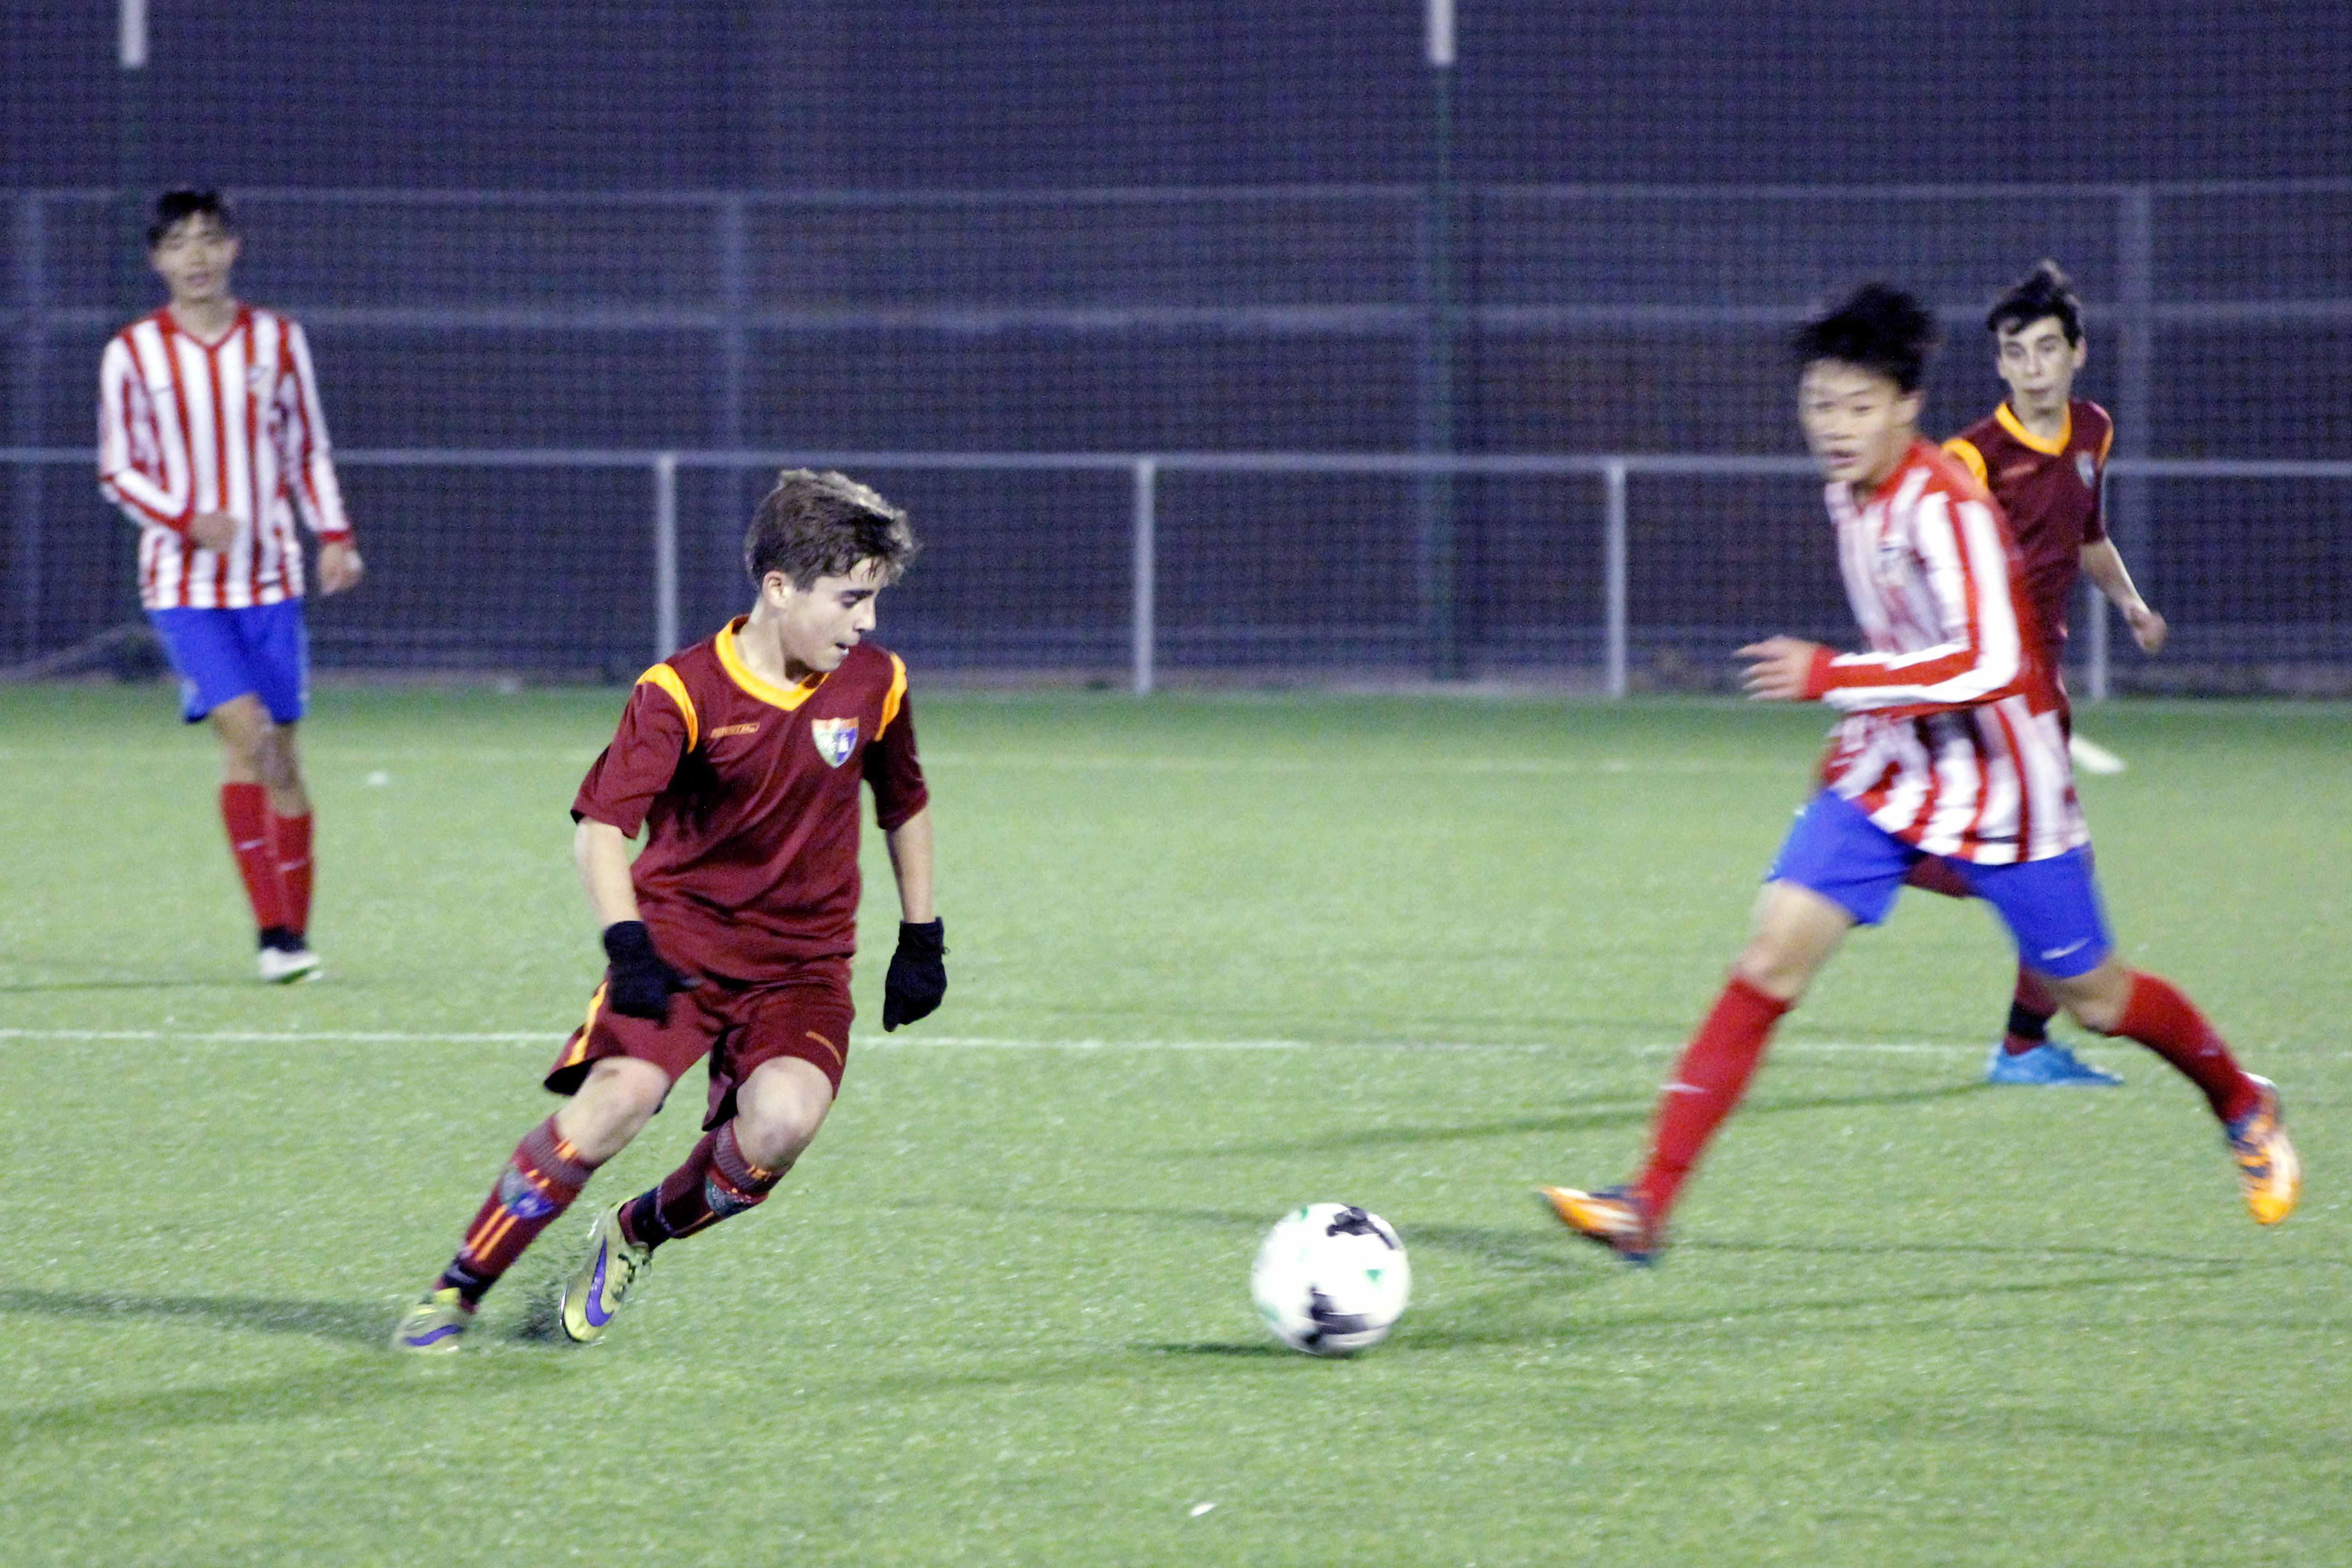 La Dehesa y el Lili Álvarez acogen este fin de semana la segunda parte del torneo Fútbol in Cup